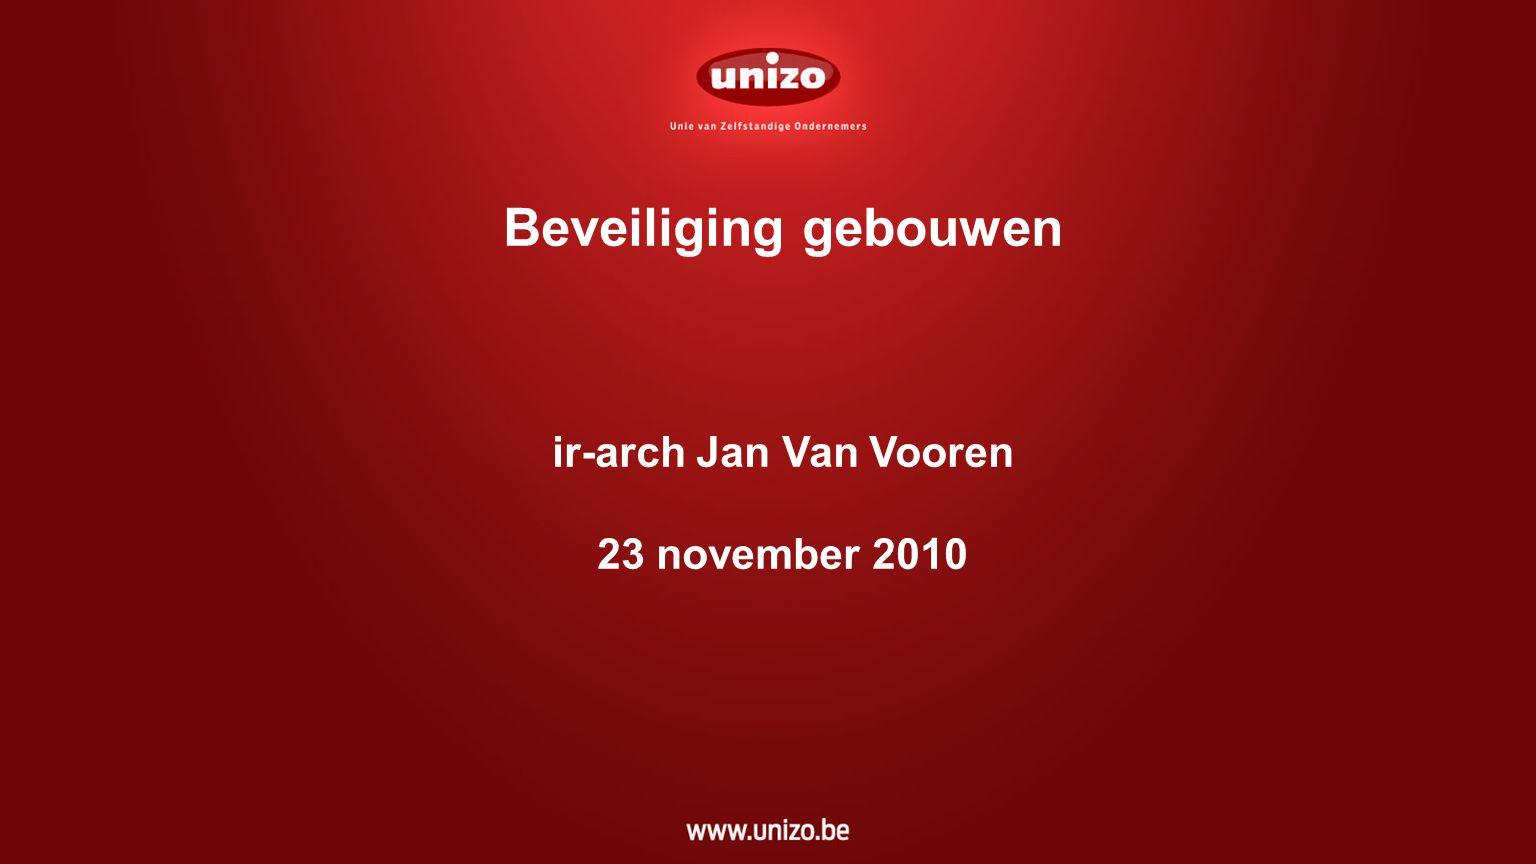 Beveiliging gebouwen ir-arch Jan Van Vooren 23 november 2010